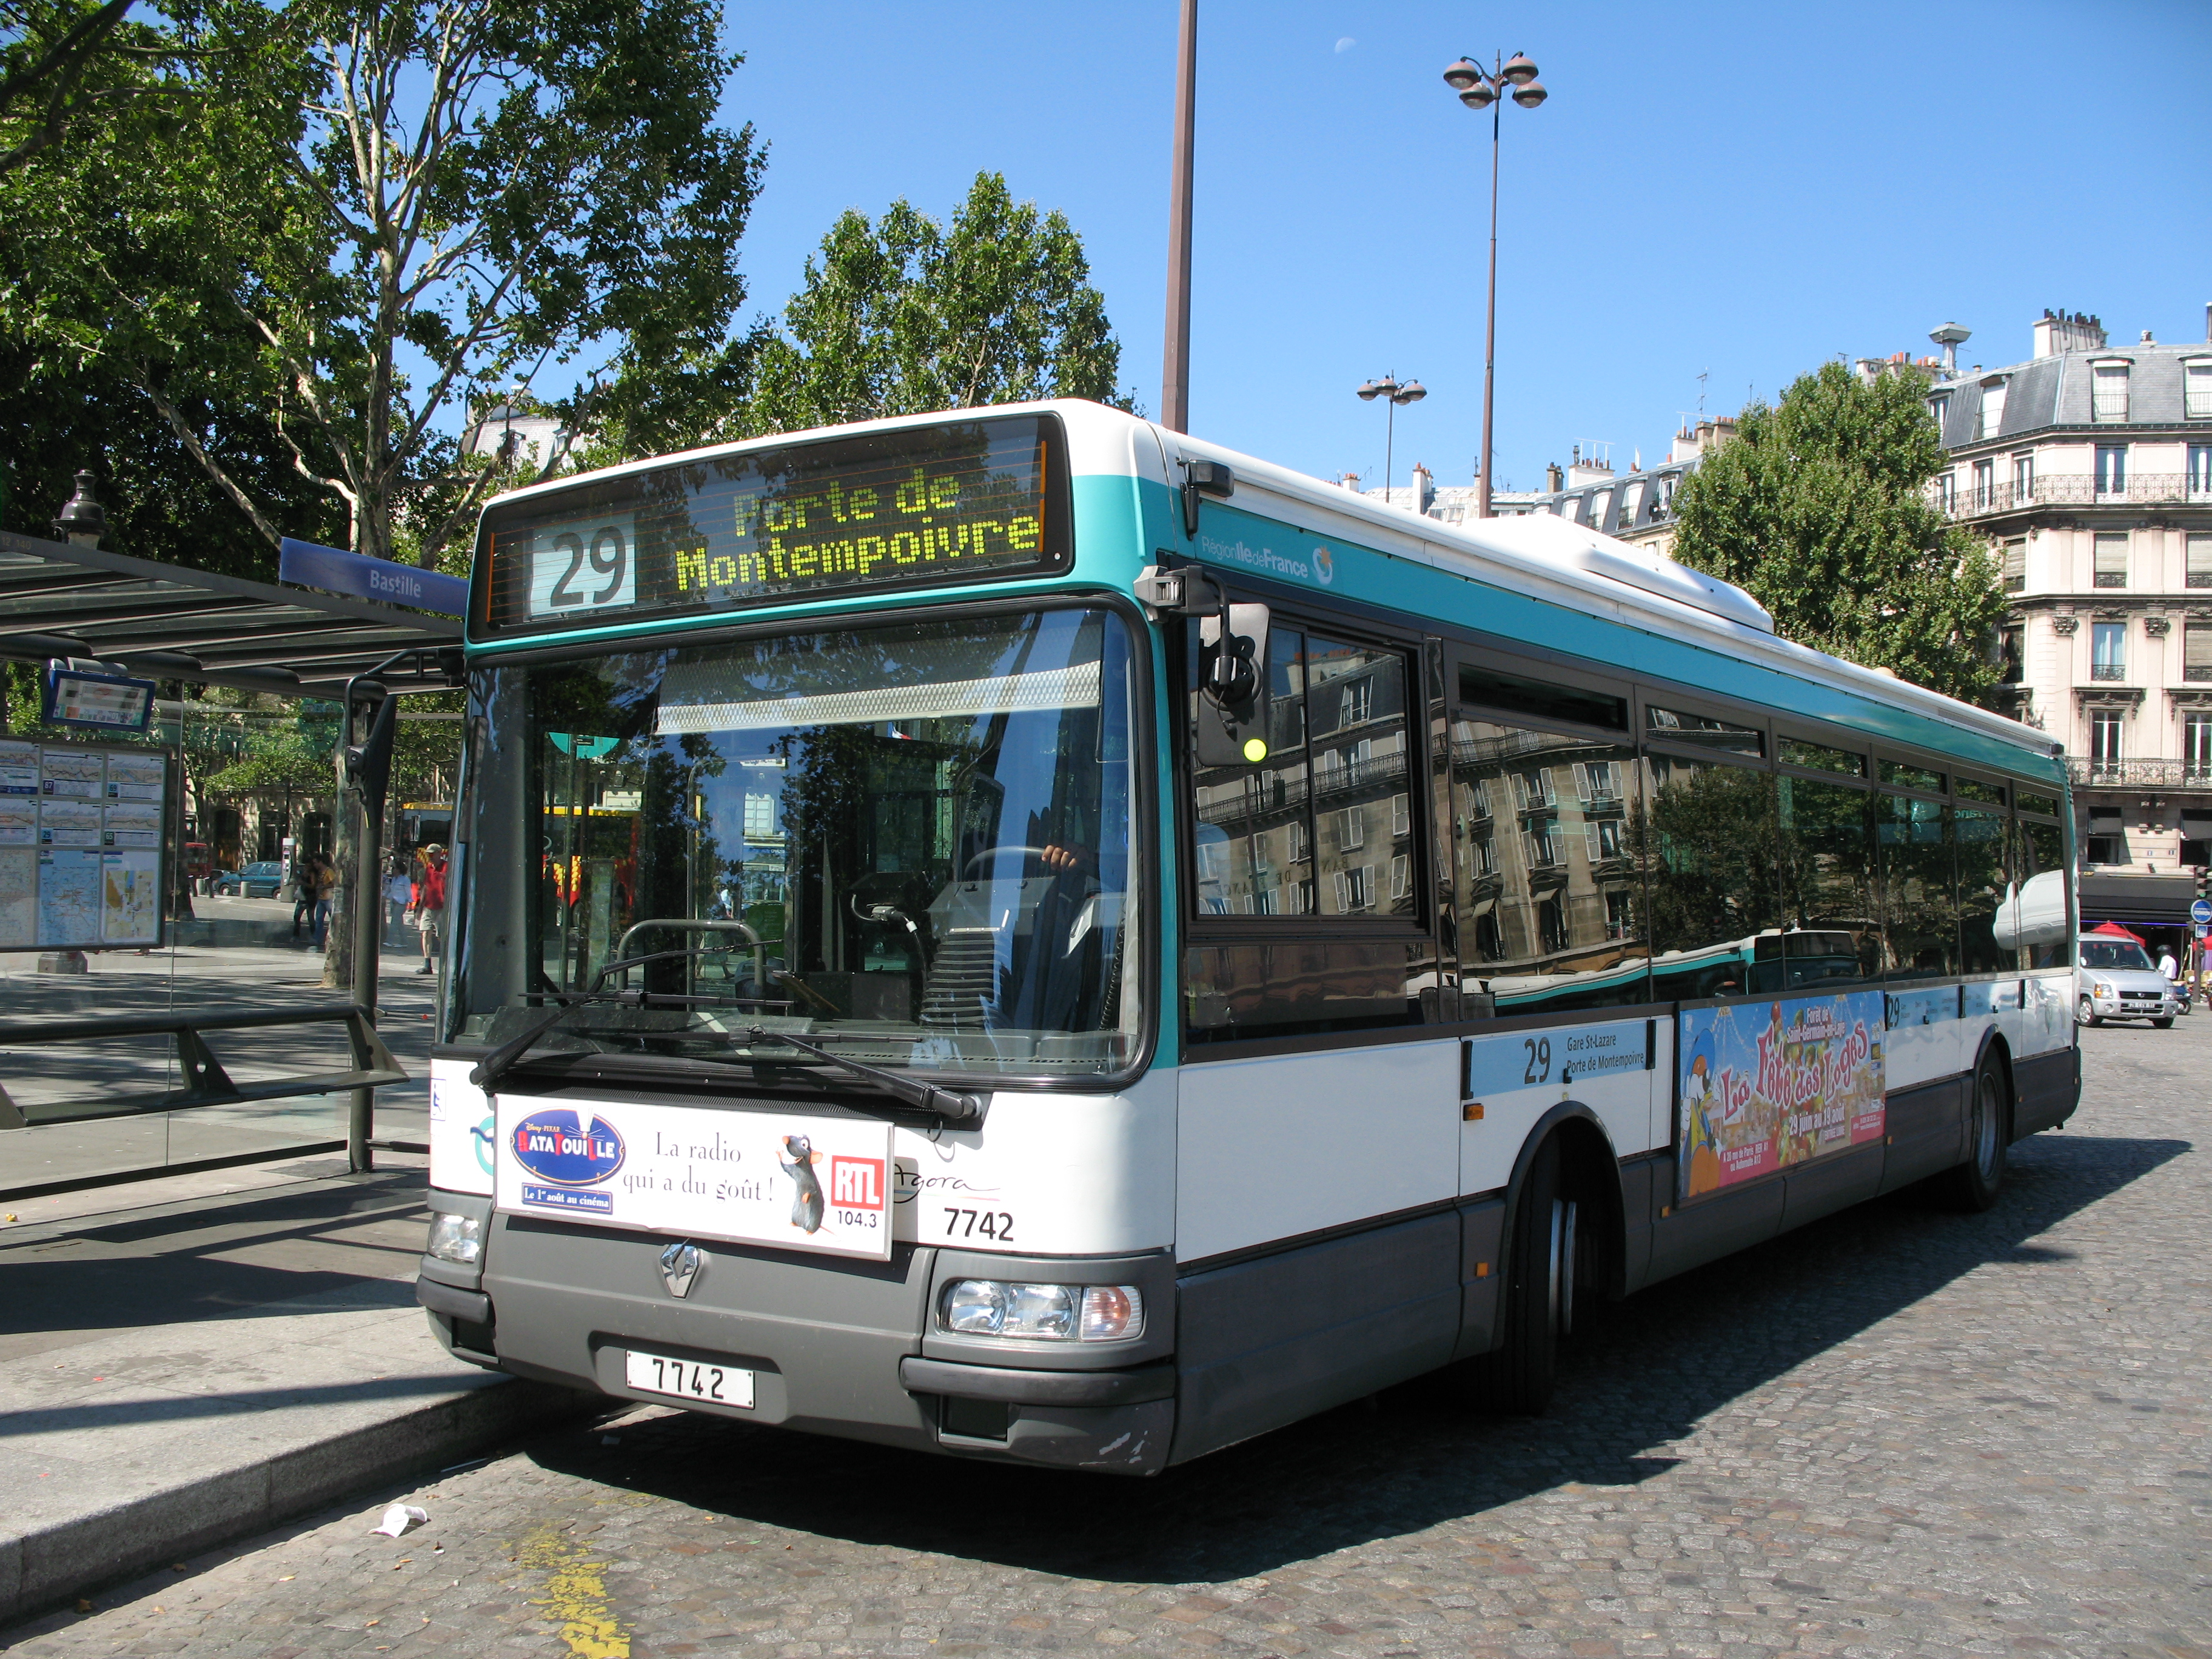 Les bus diesel d'ancienne génération sont condamnés à disparaître à brève échéance (sous licence Creative Commons)